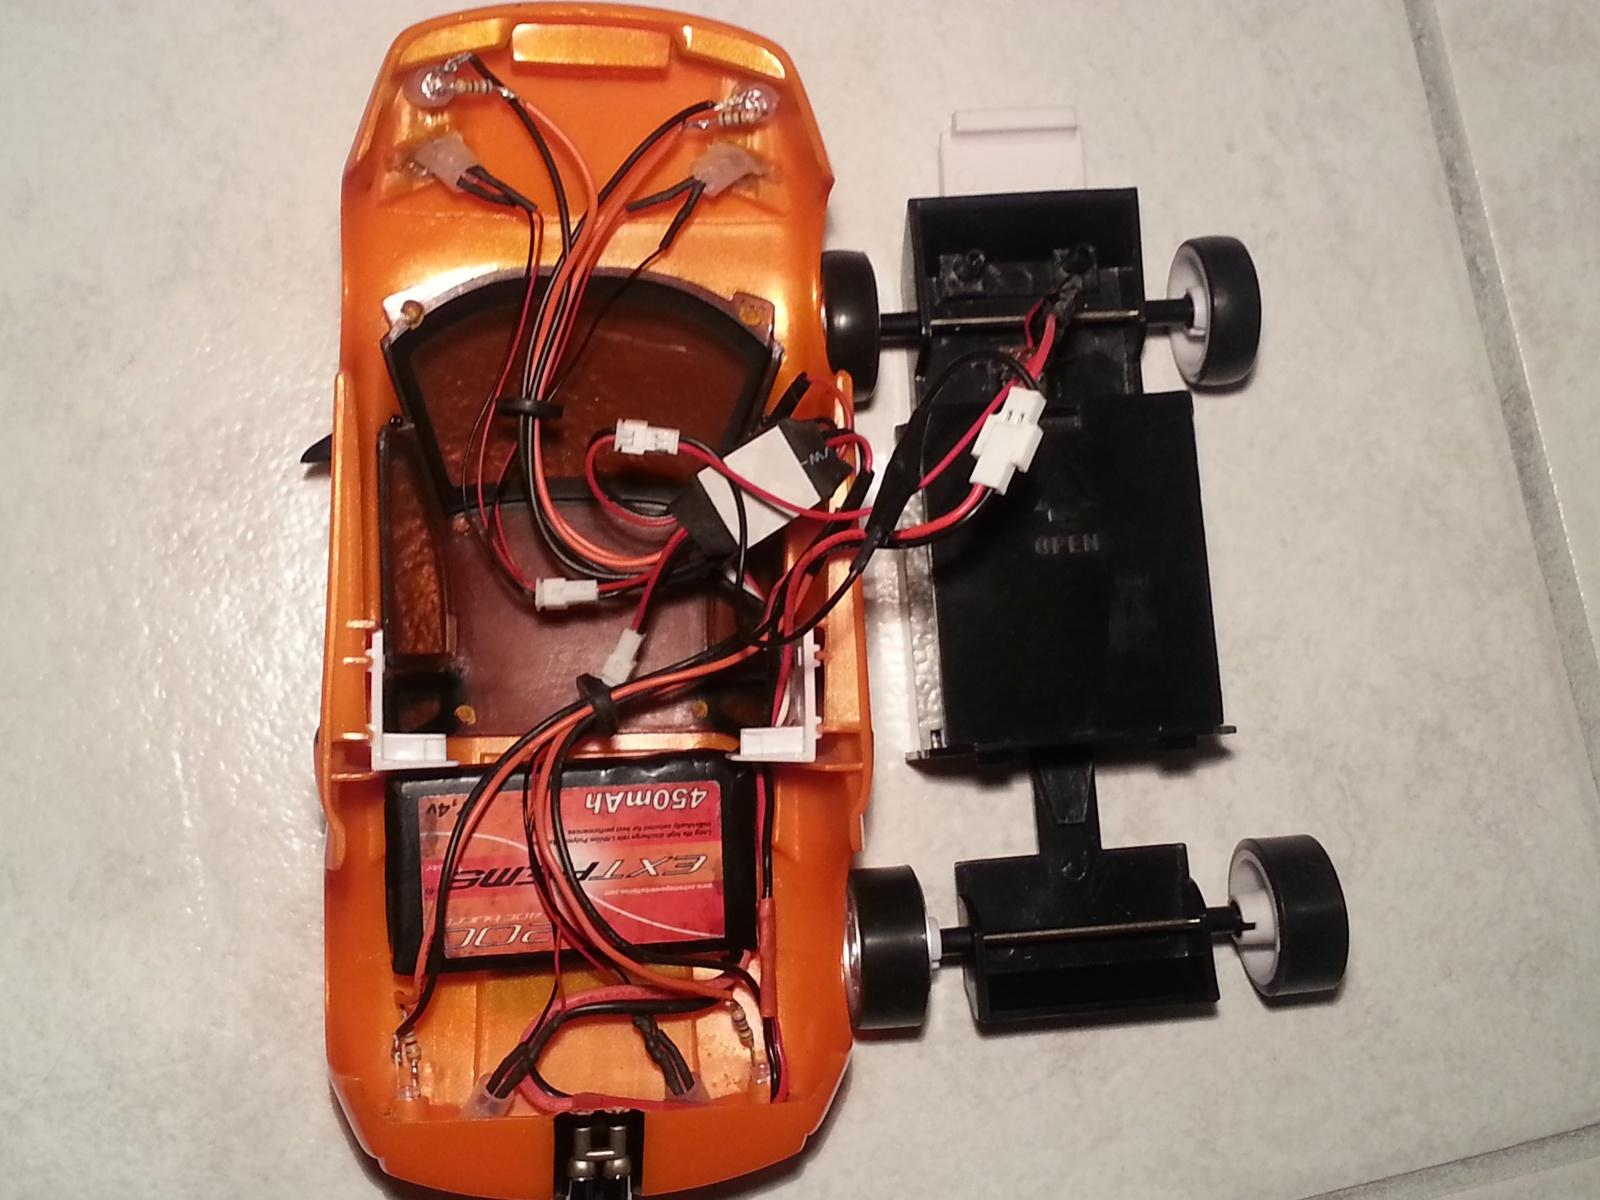 Kit lumières Atomic sur quelle carrosserie? 50340120130316002452